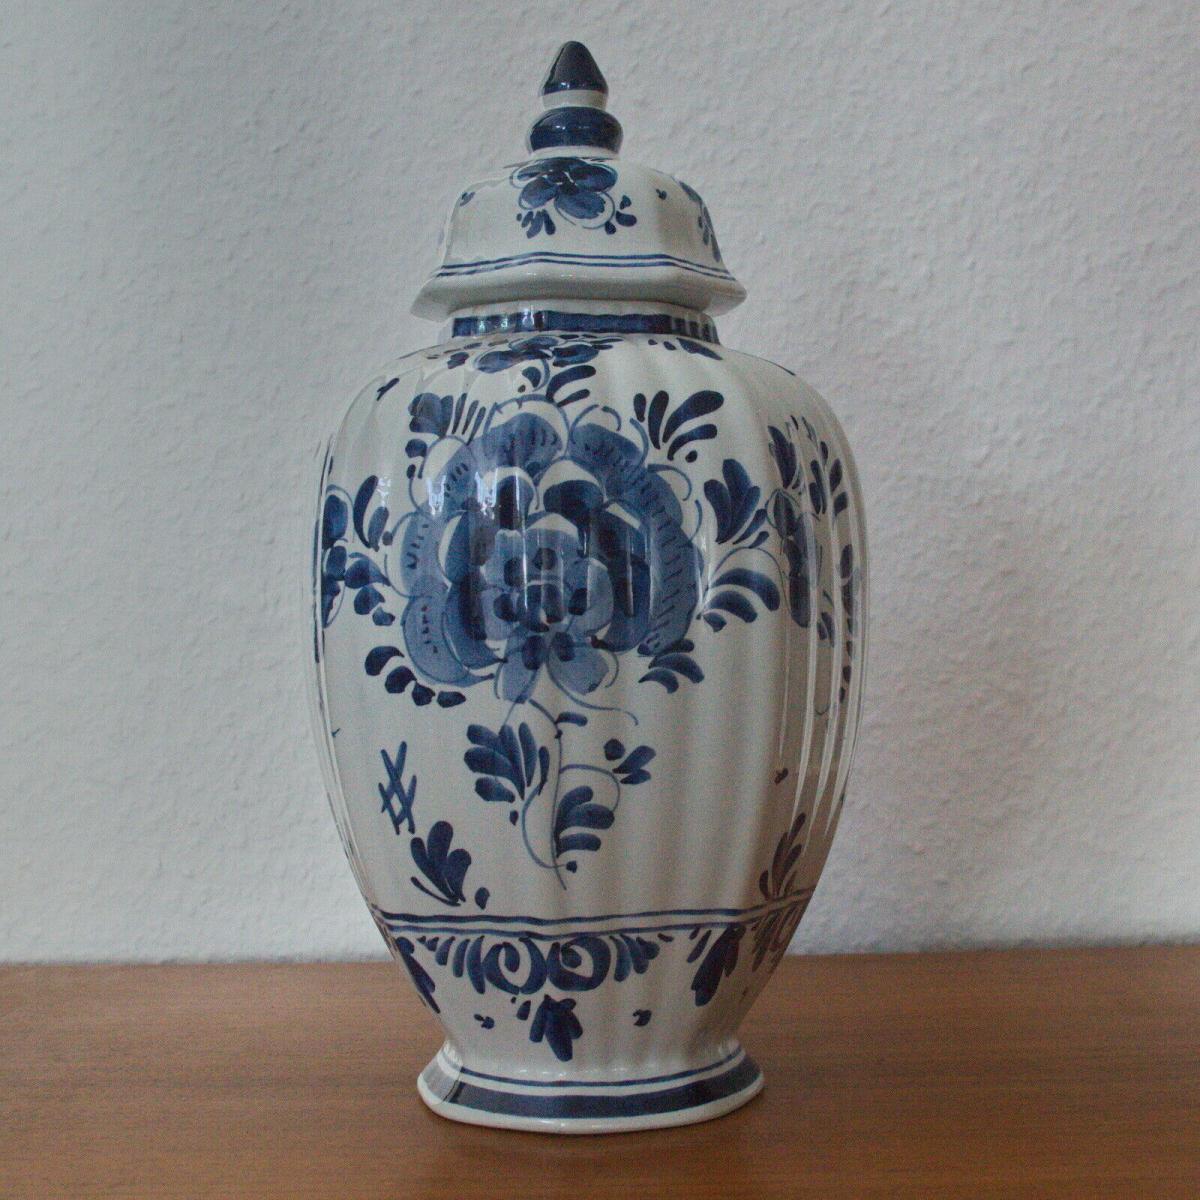 Vintage Vase Urne DELFT Deckelvase #246 Handbemalt C. Delfts 60er Jahre Holland 0